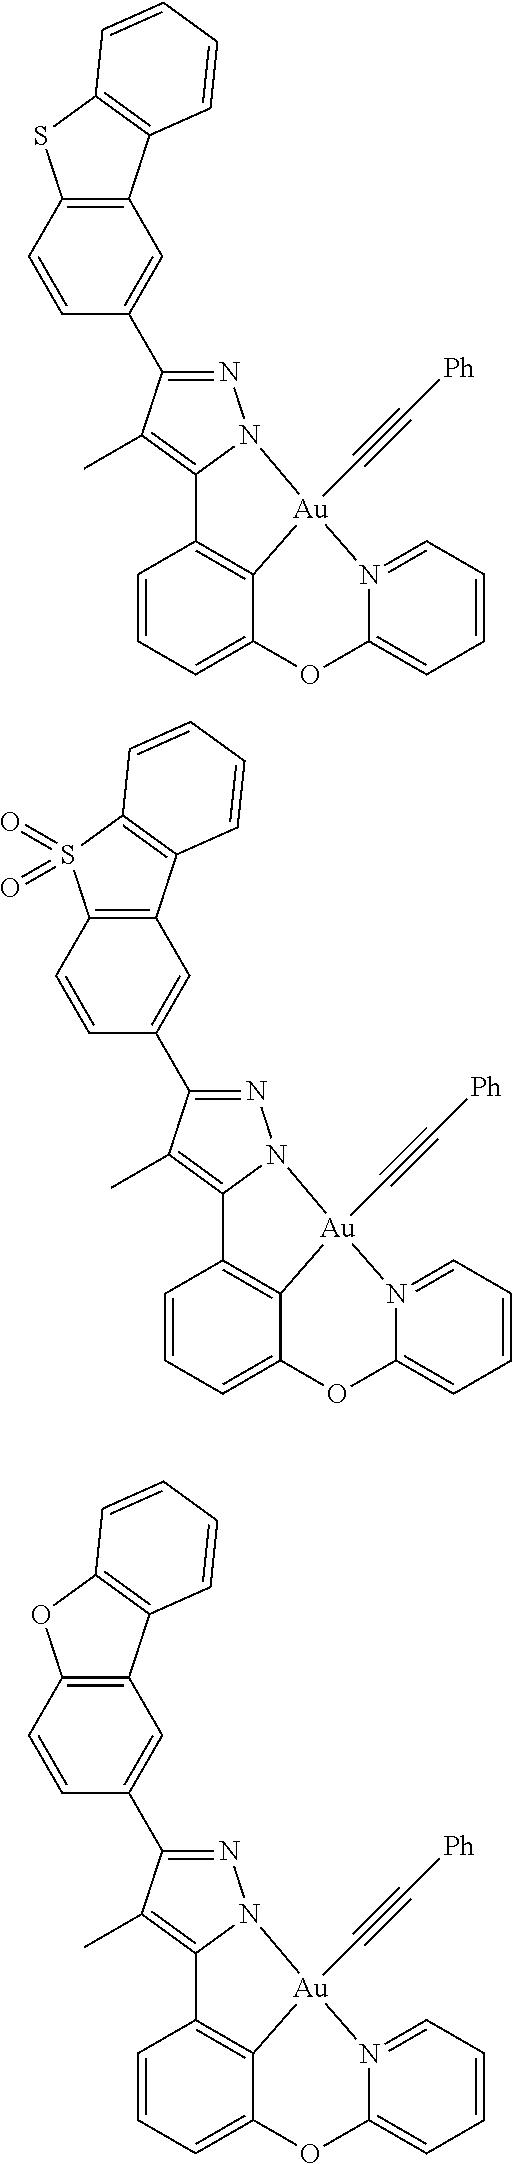 Figure US09818959-20171114-C00558